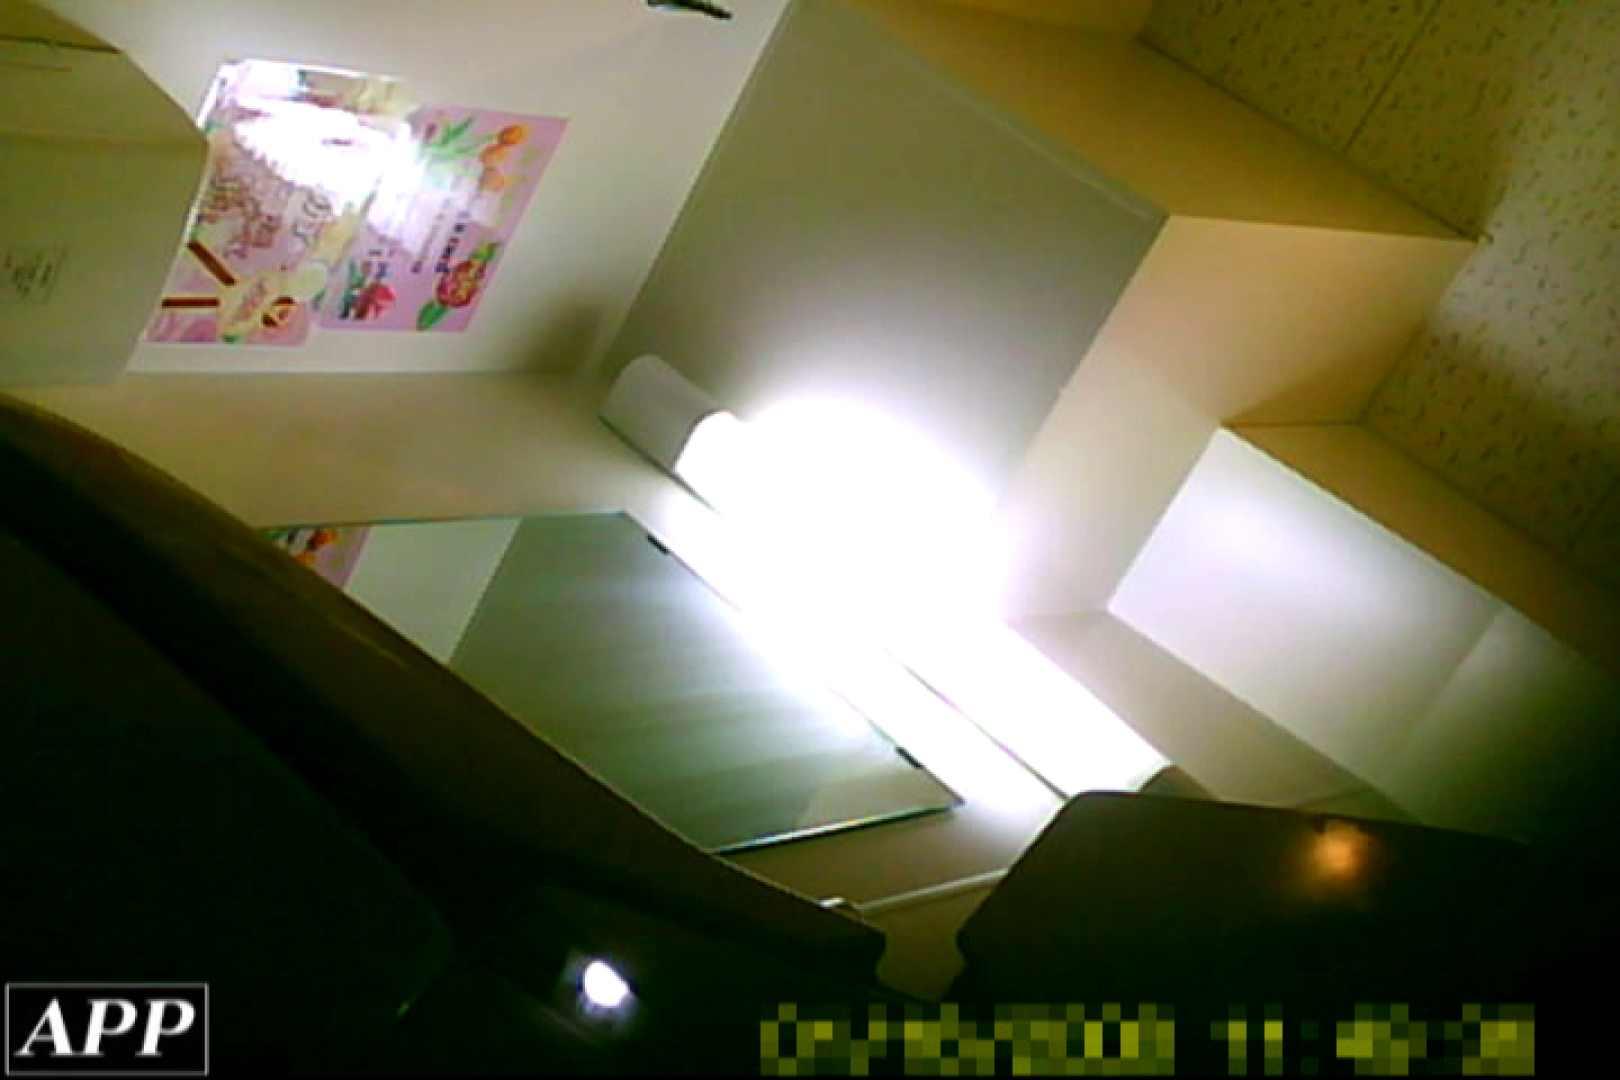 3視点洗面所 vol.127 OLのボディ オメコ無修正動画無料 100PIX 99